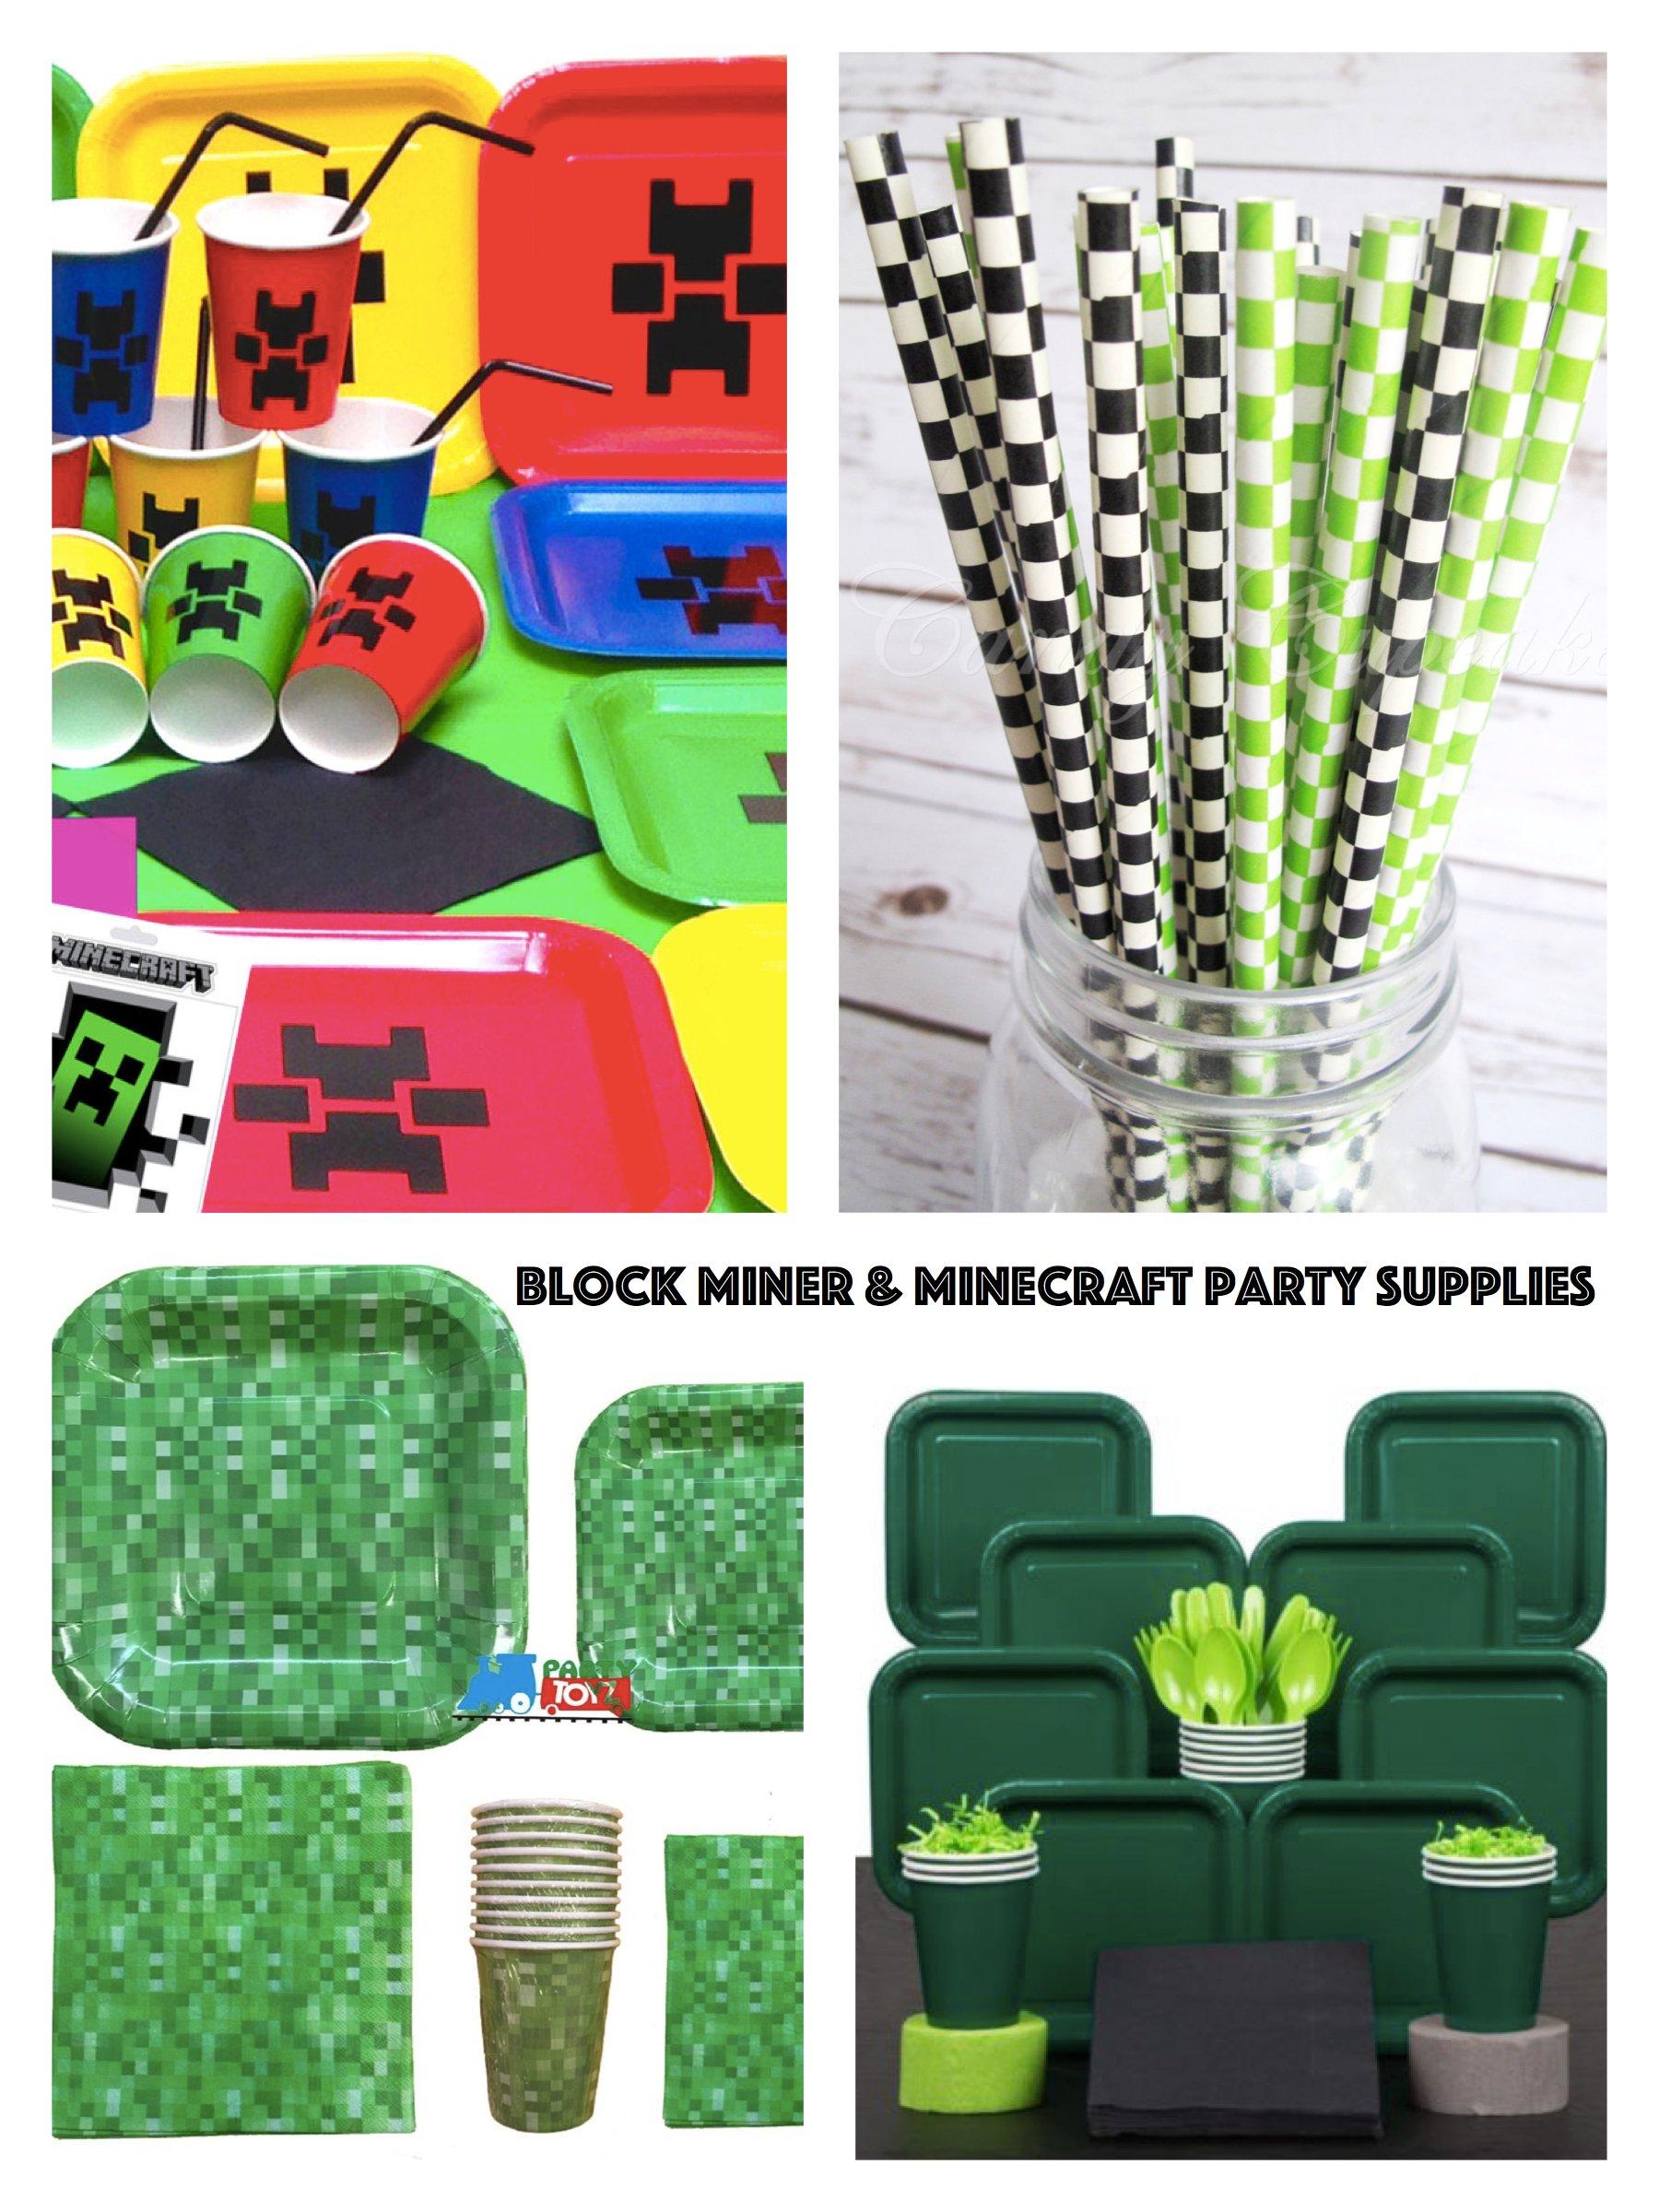 Block Miner & Minecraft Party Supplies